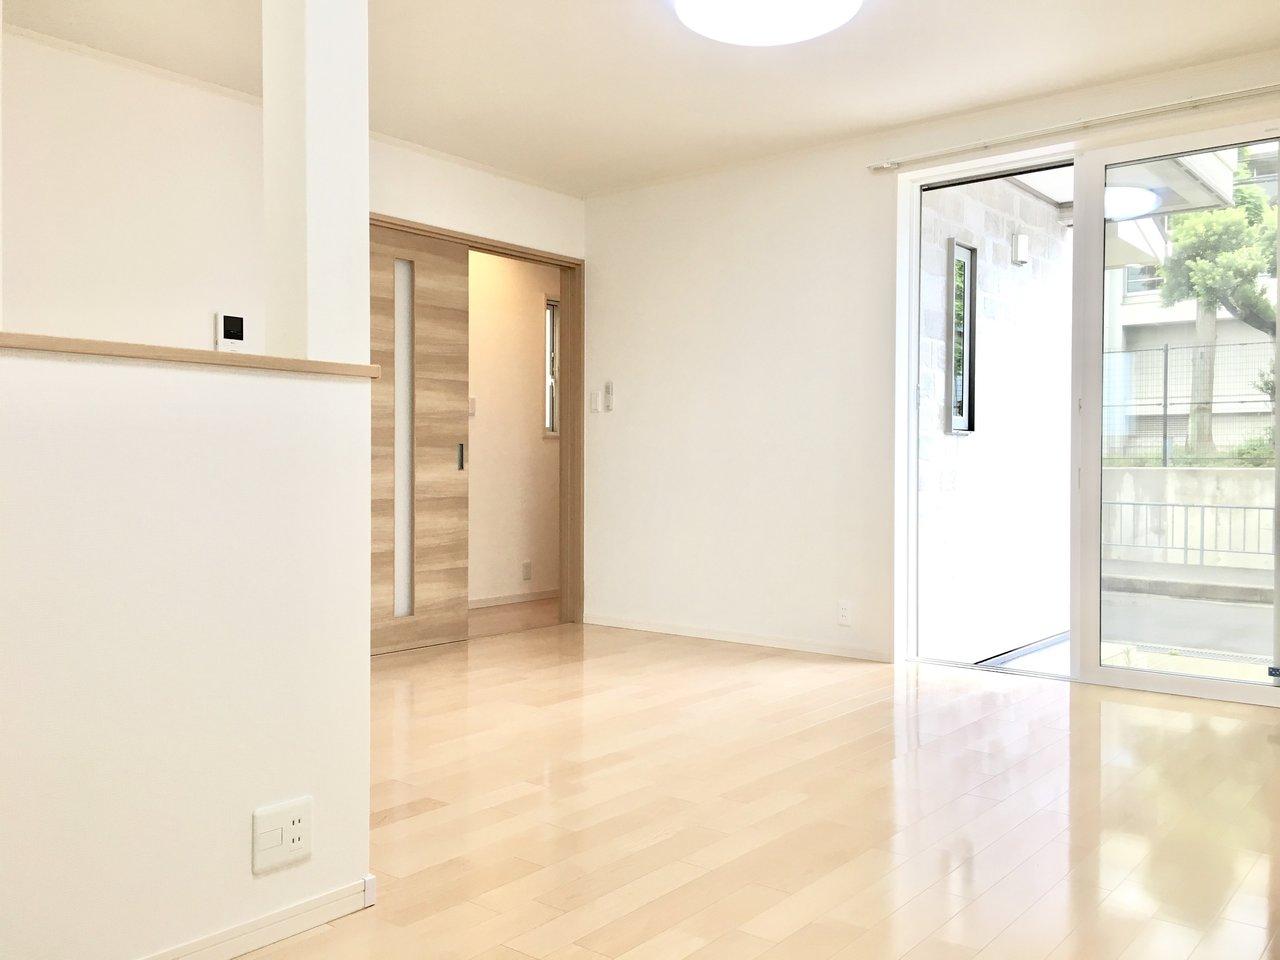 お部屋全体が明るいのが気持ちいいですね。ナチュラルなテイストの家具で揃えてみたらいいかも。